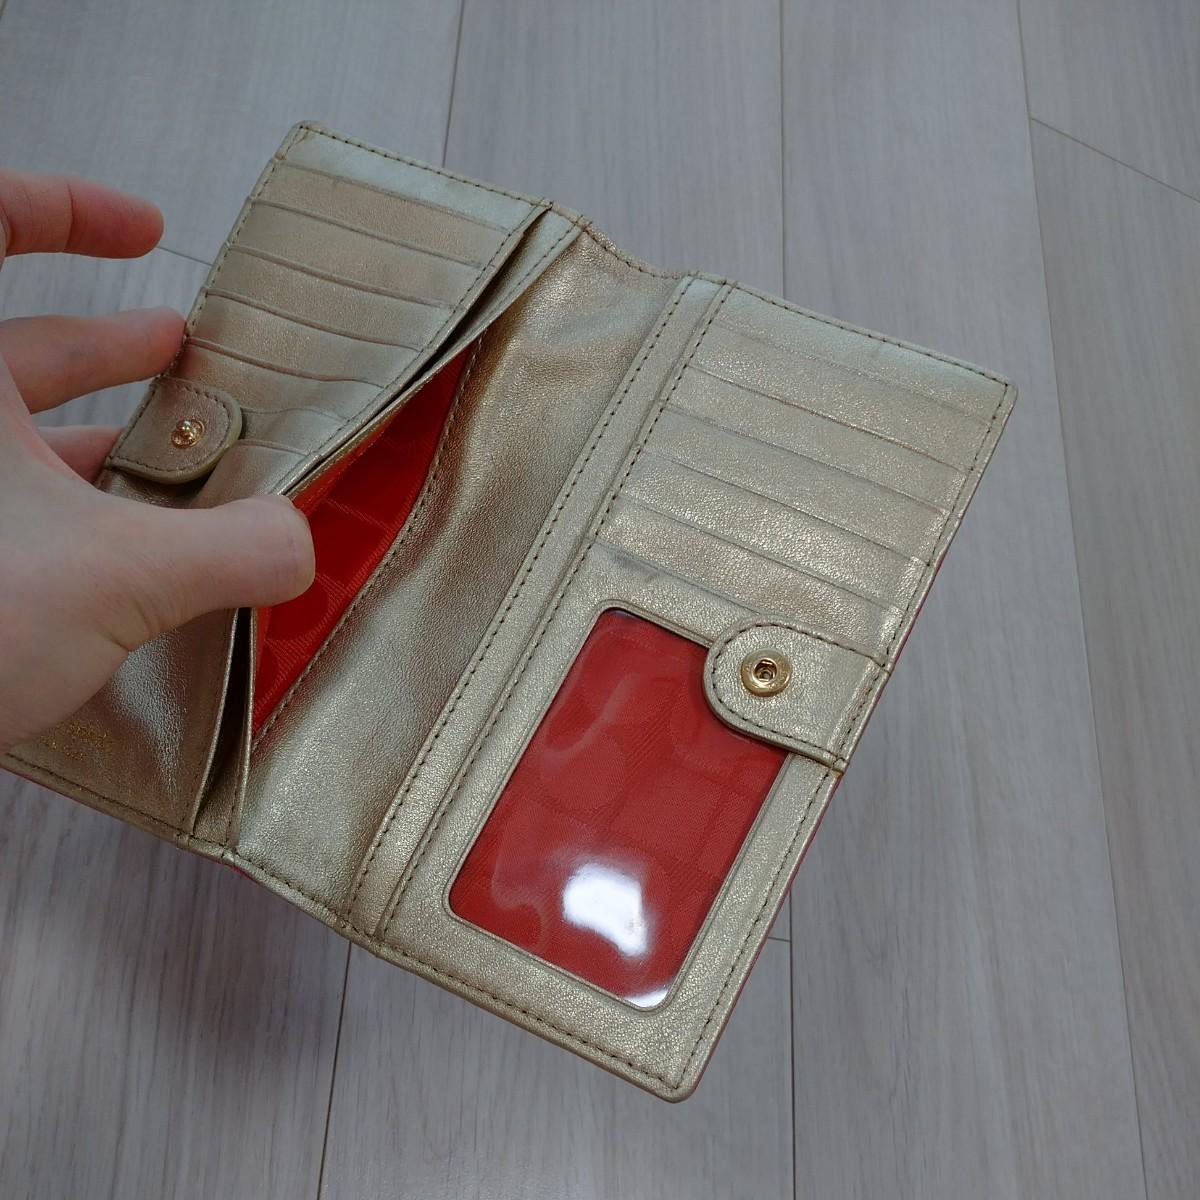 ケイト・スペード kate spade 財布